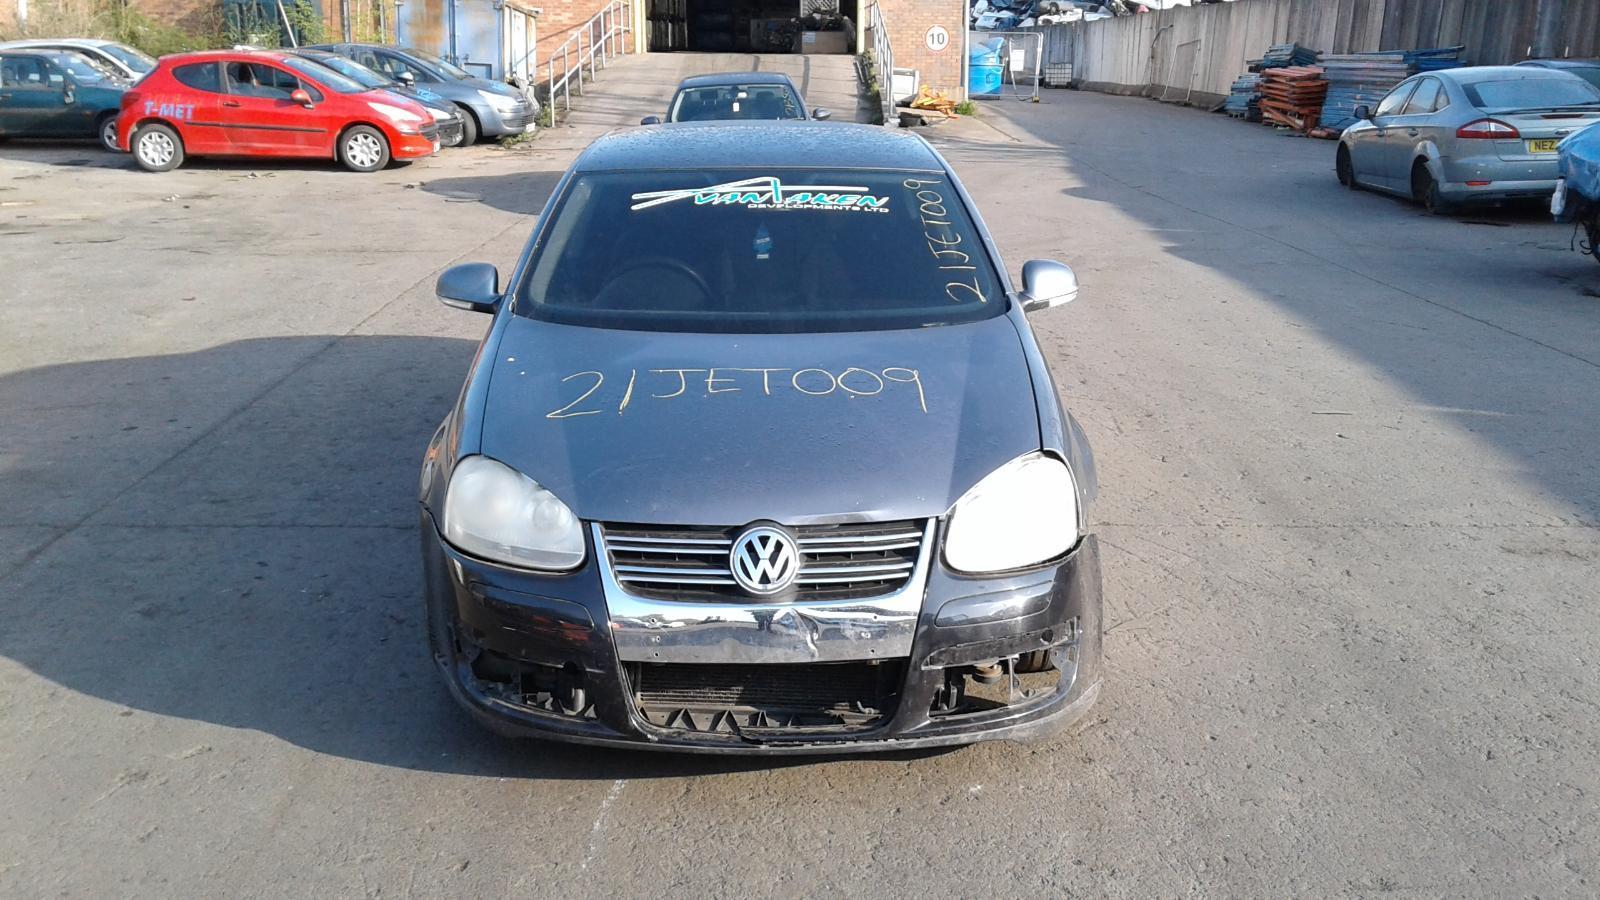 2006 VOLKSWAGEN JETTA Image